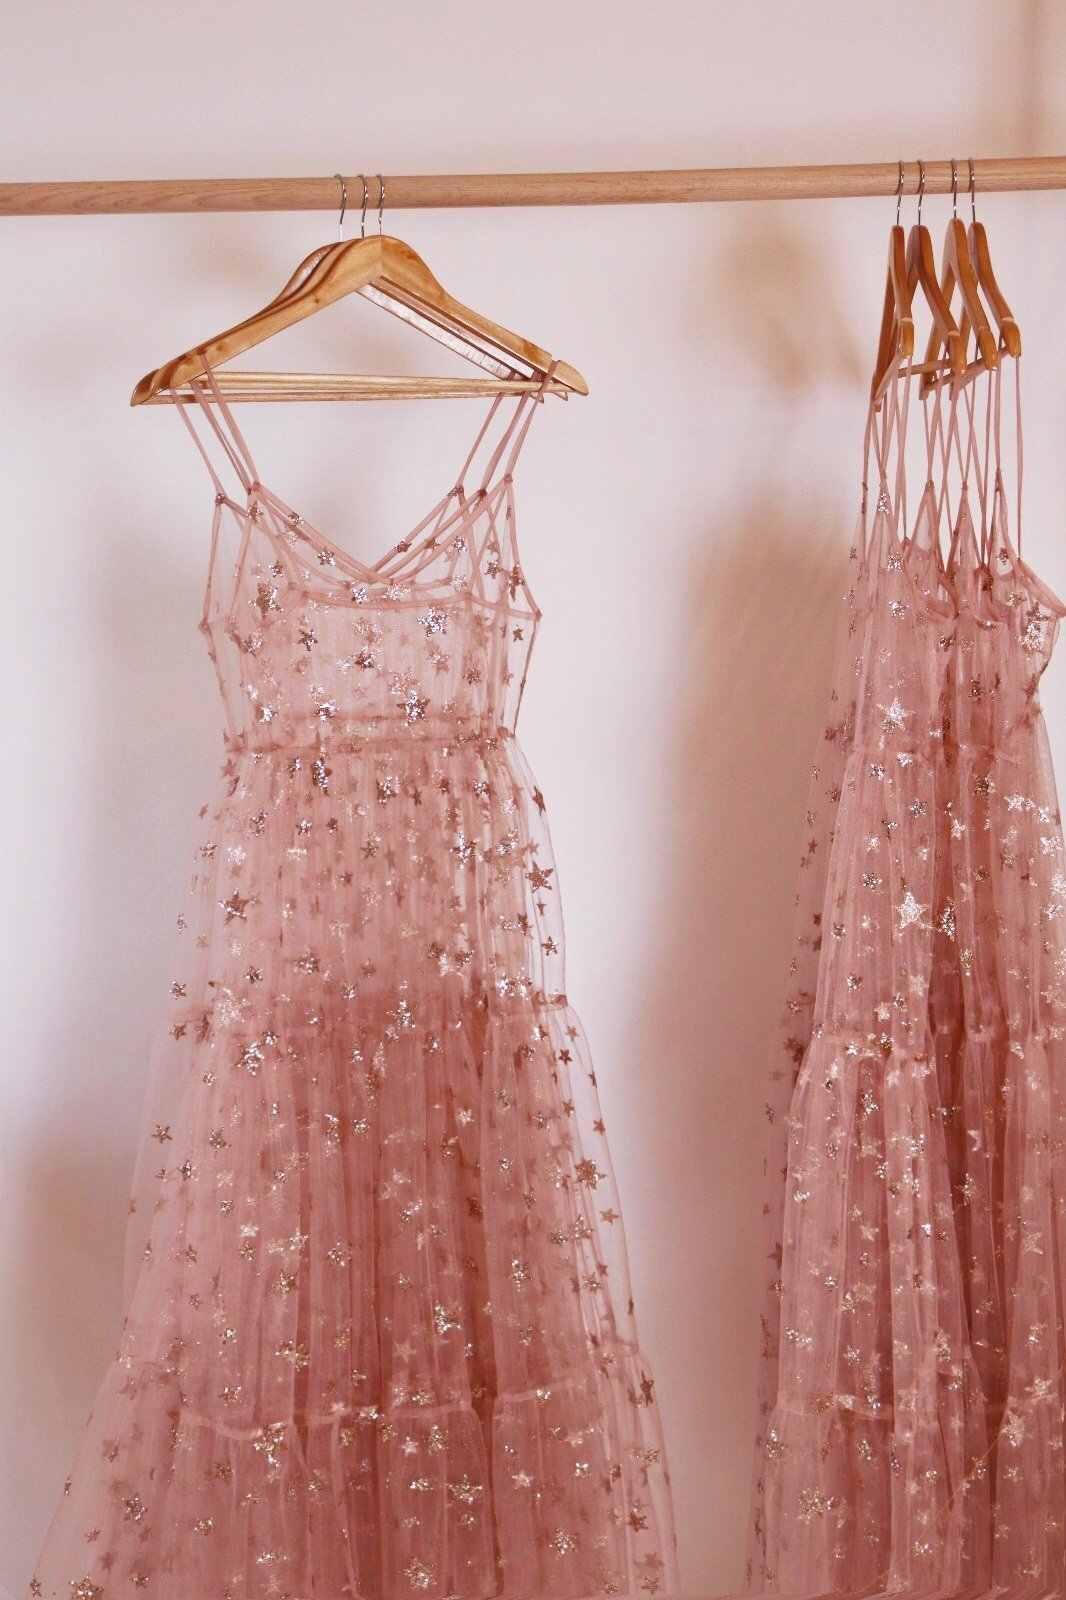 Розовое платье со звездами и блестками для женщин; коллекция 2019 года; сезон весна-лето; милое женское платье принцессы с тонкими лямками; черное кружевное Тюлевое праздничное платье